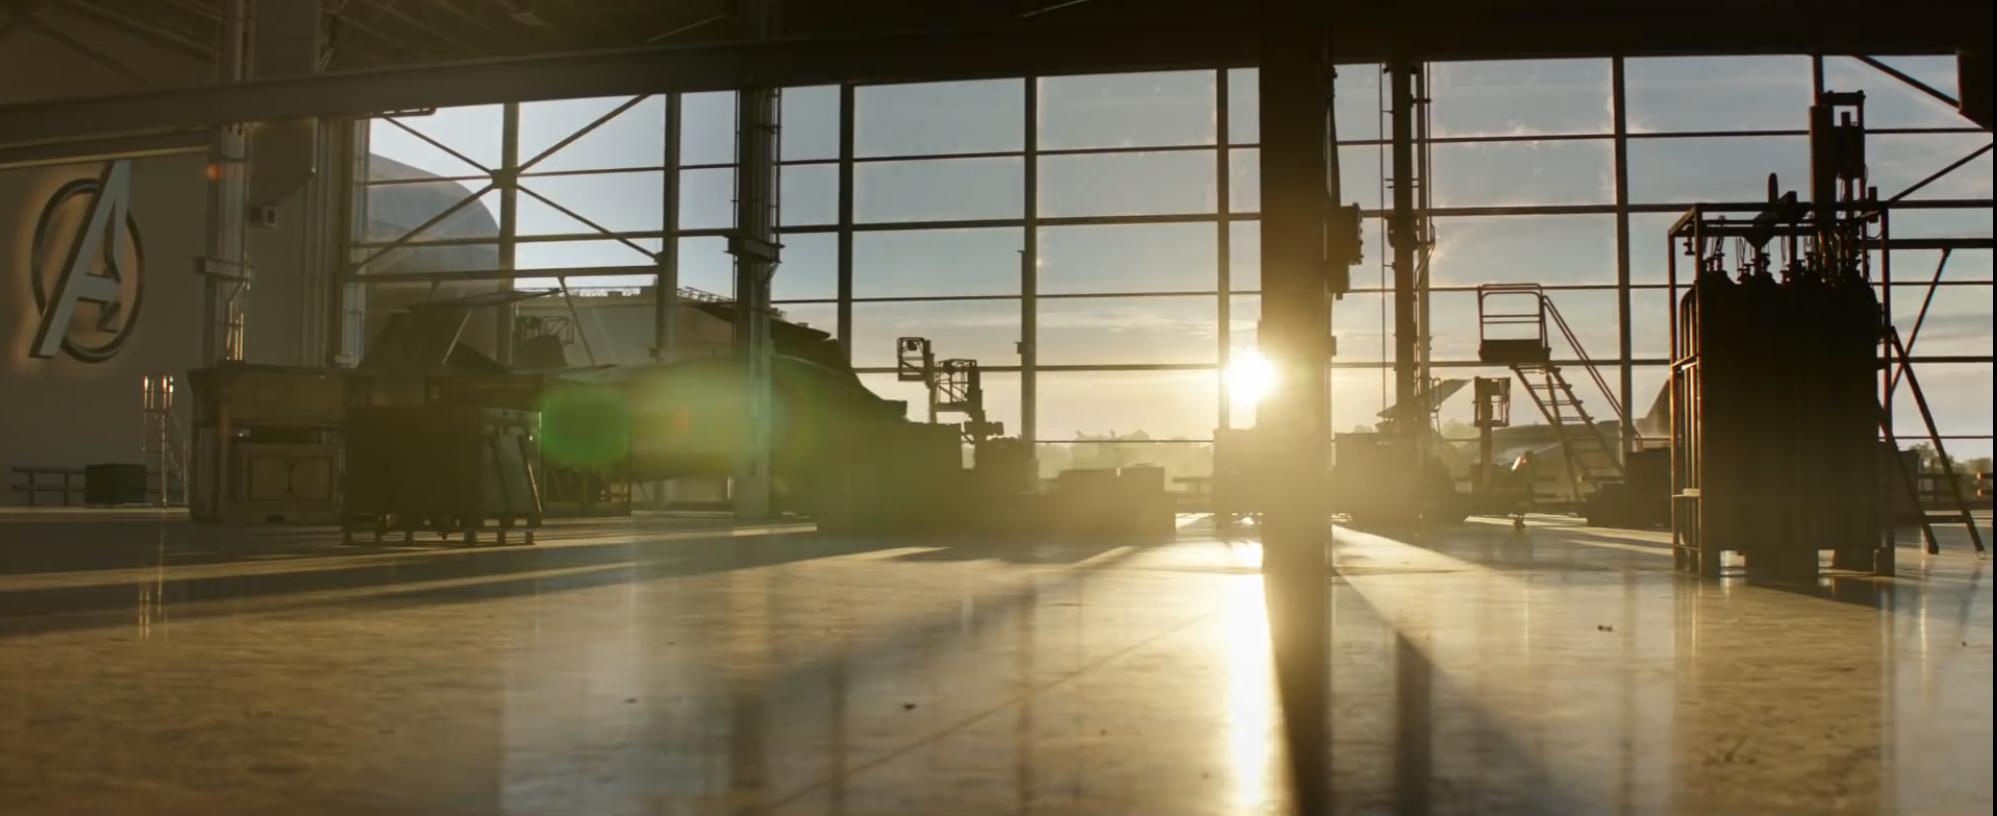 Avengers Endgame Trailer Avengers HQ